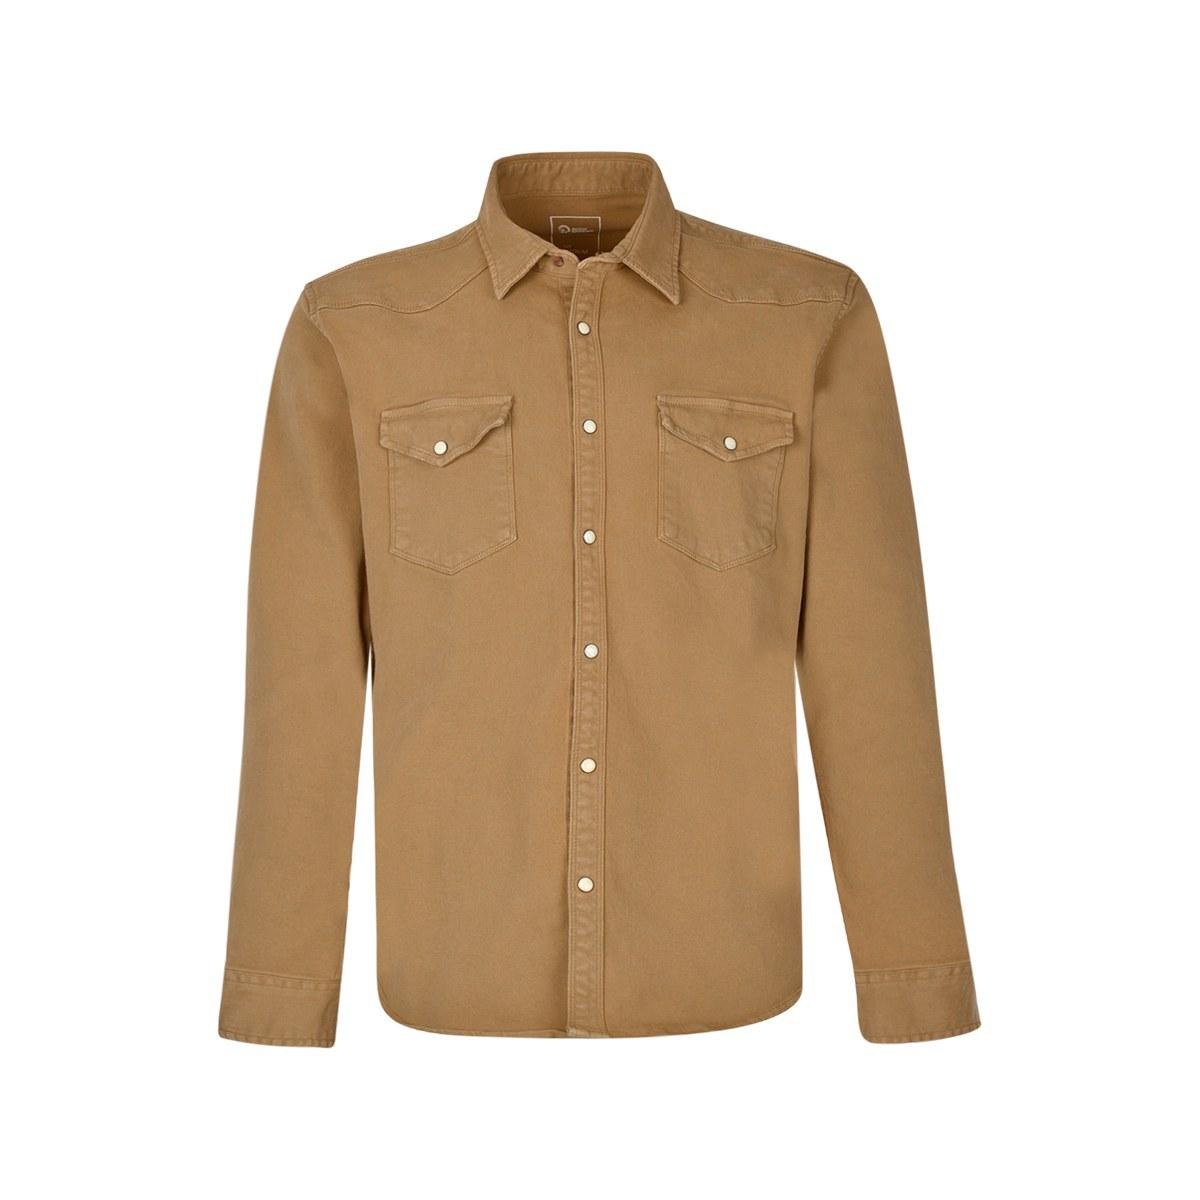 تصویر پیراهن مردانه اسلیم دو جیب